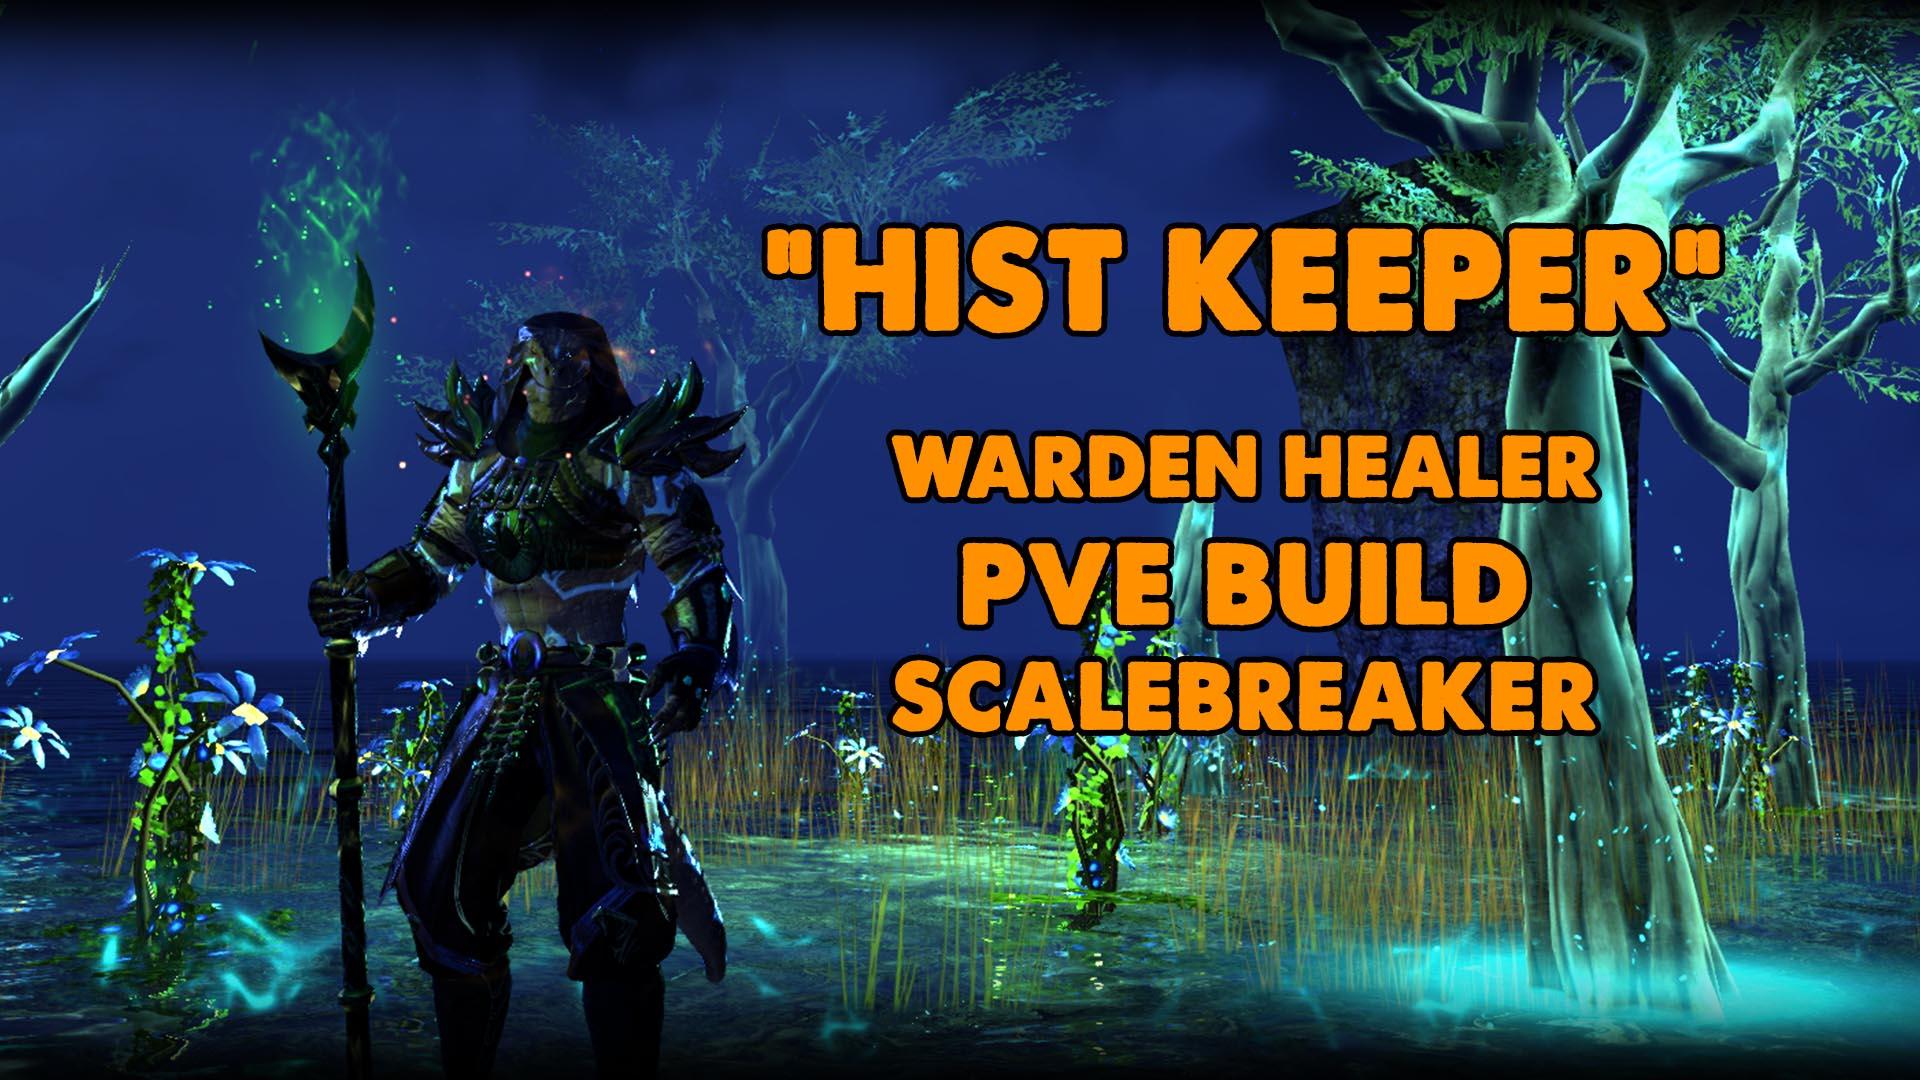 warden , warden build, eso warden build, eso warden healer build, elder scrolls online waden healer build, hist keeper, hist, argonian healer, lizard healer, warden, endgame healer